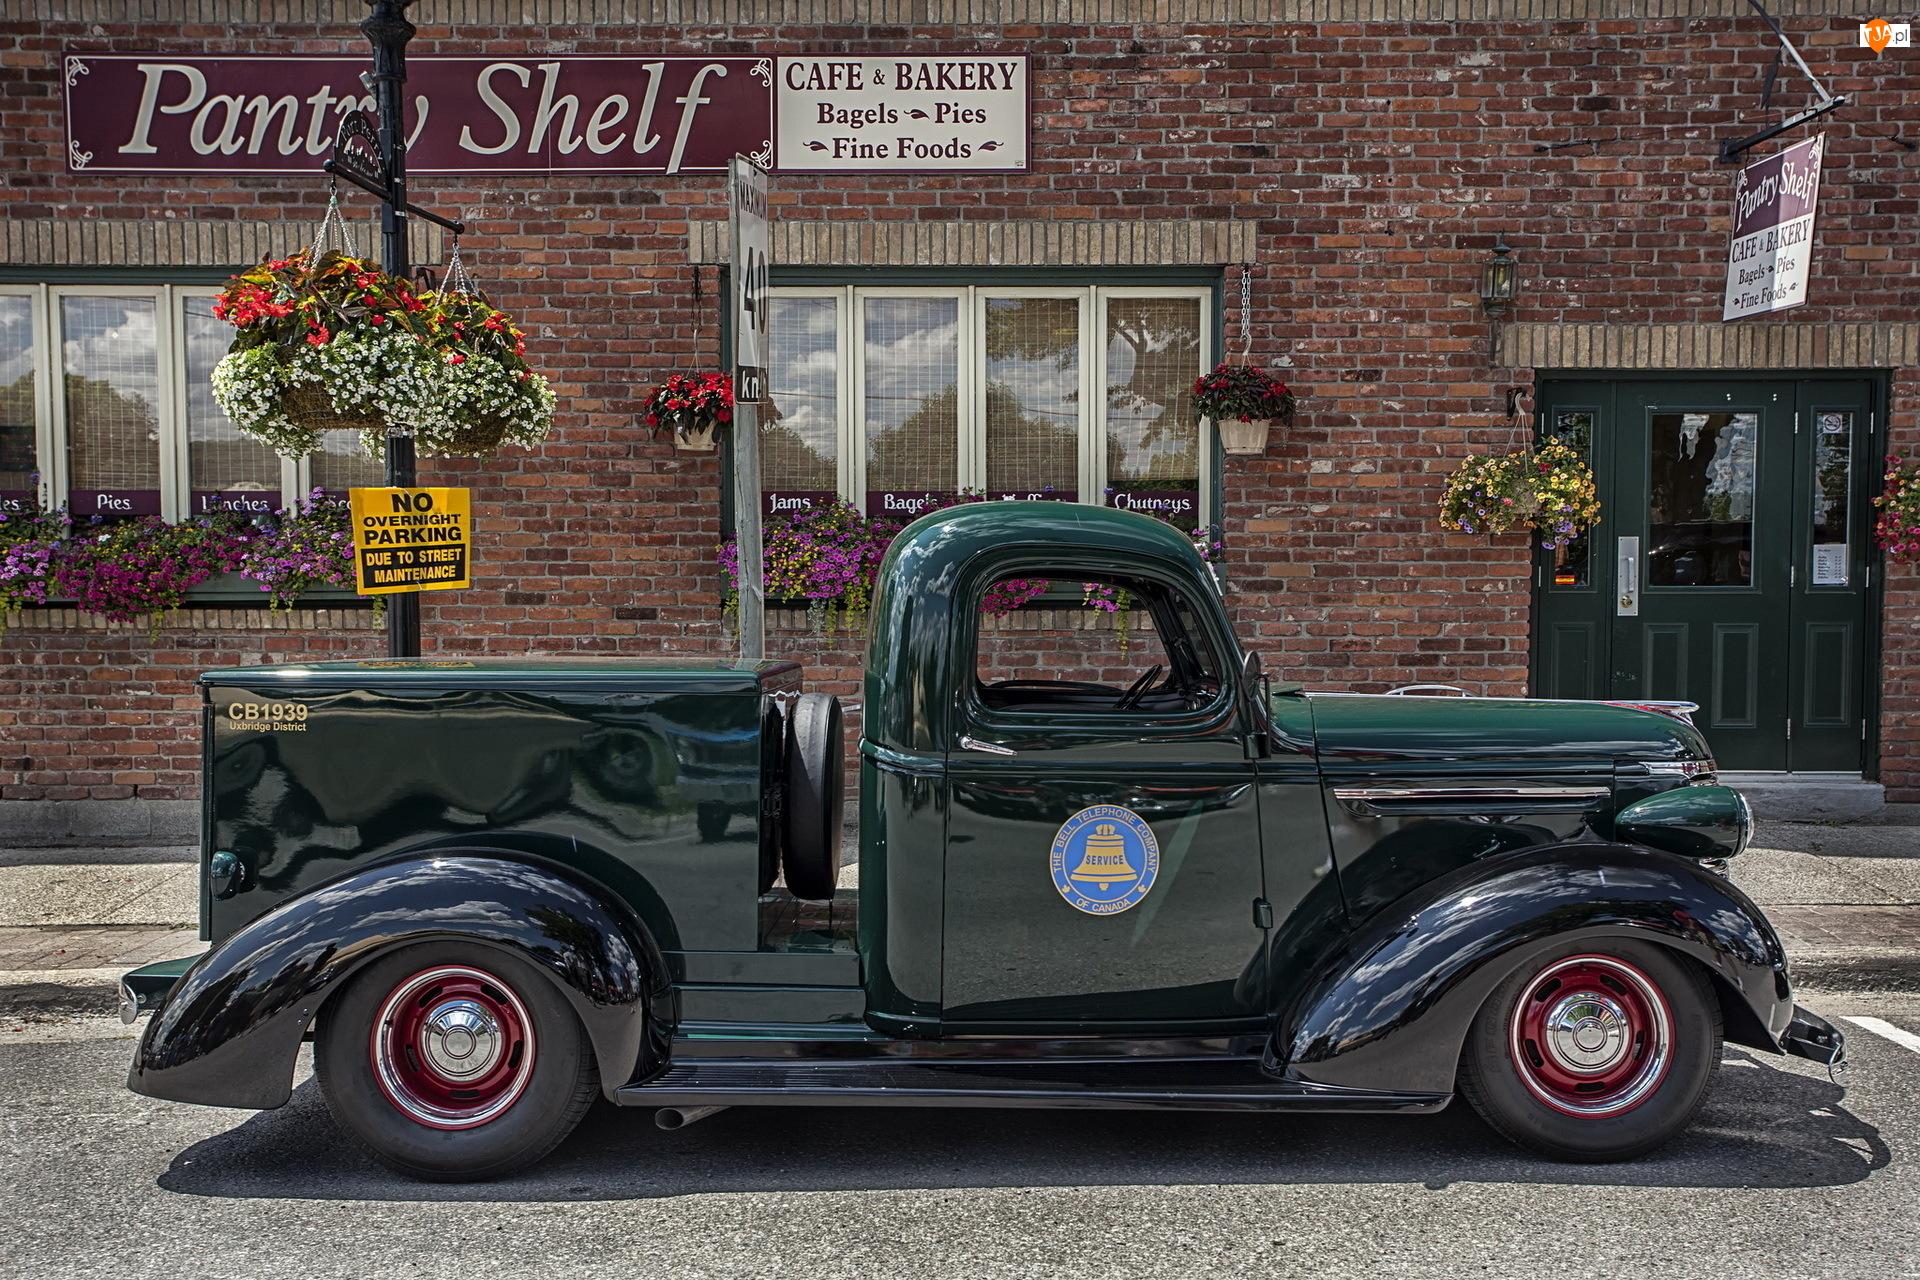 Ulica, Zabytkowy, Bell Telephone Service Truck, Pojazd serwisowy, Bell Telephone Company of Canada